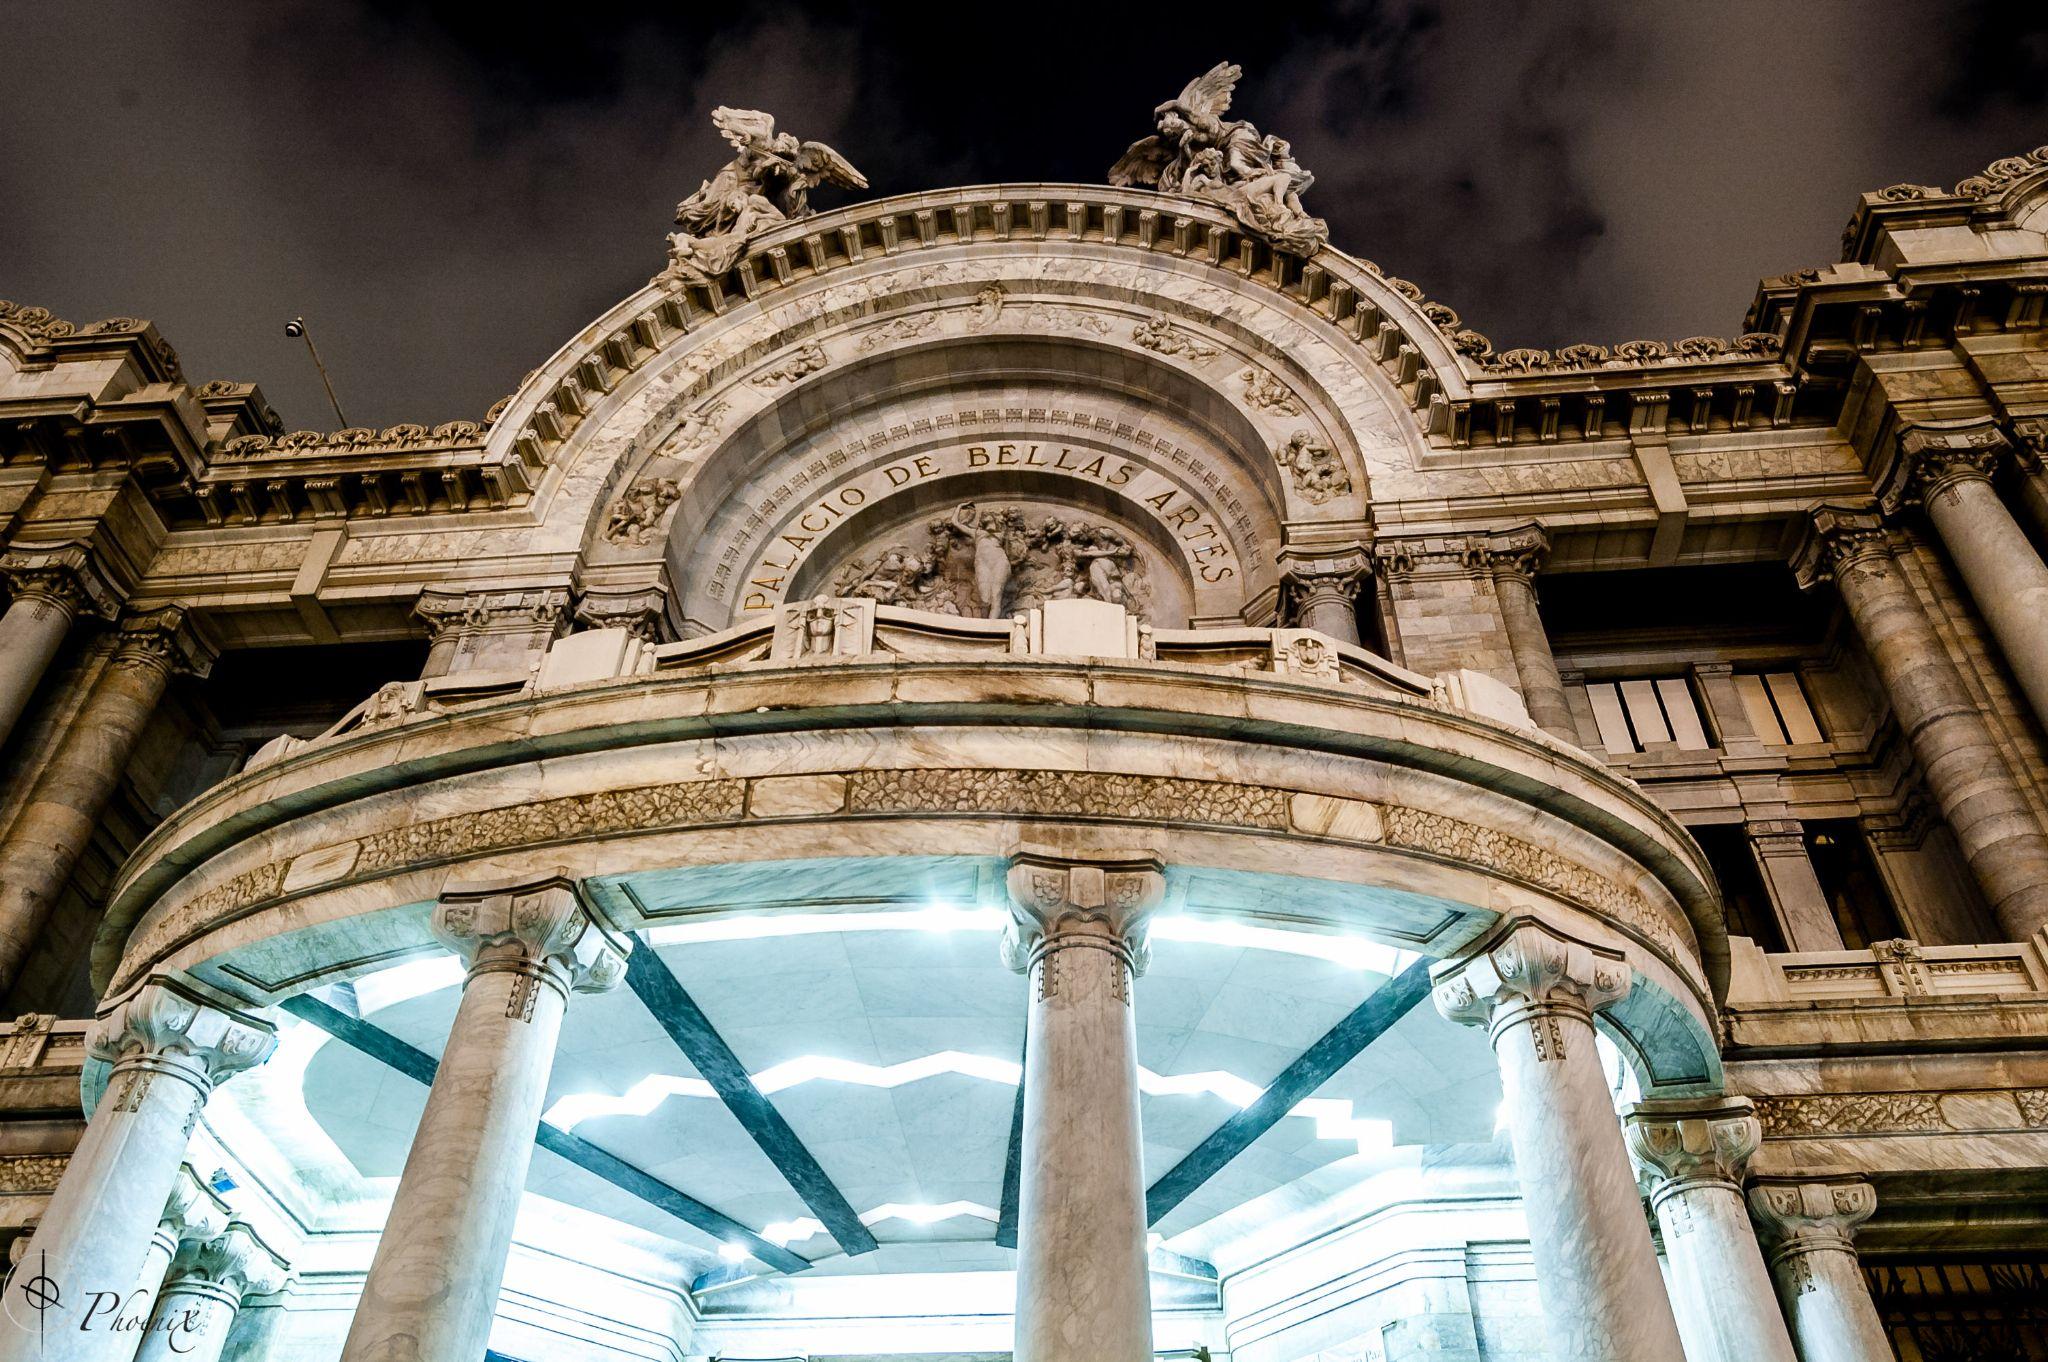 Palacio de Bellas Artes Main Entrance Detail by Phoenix